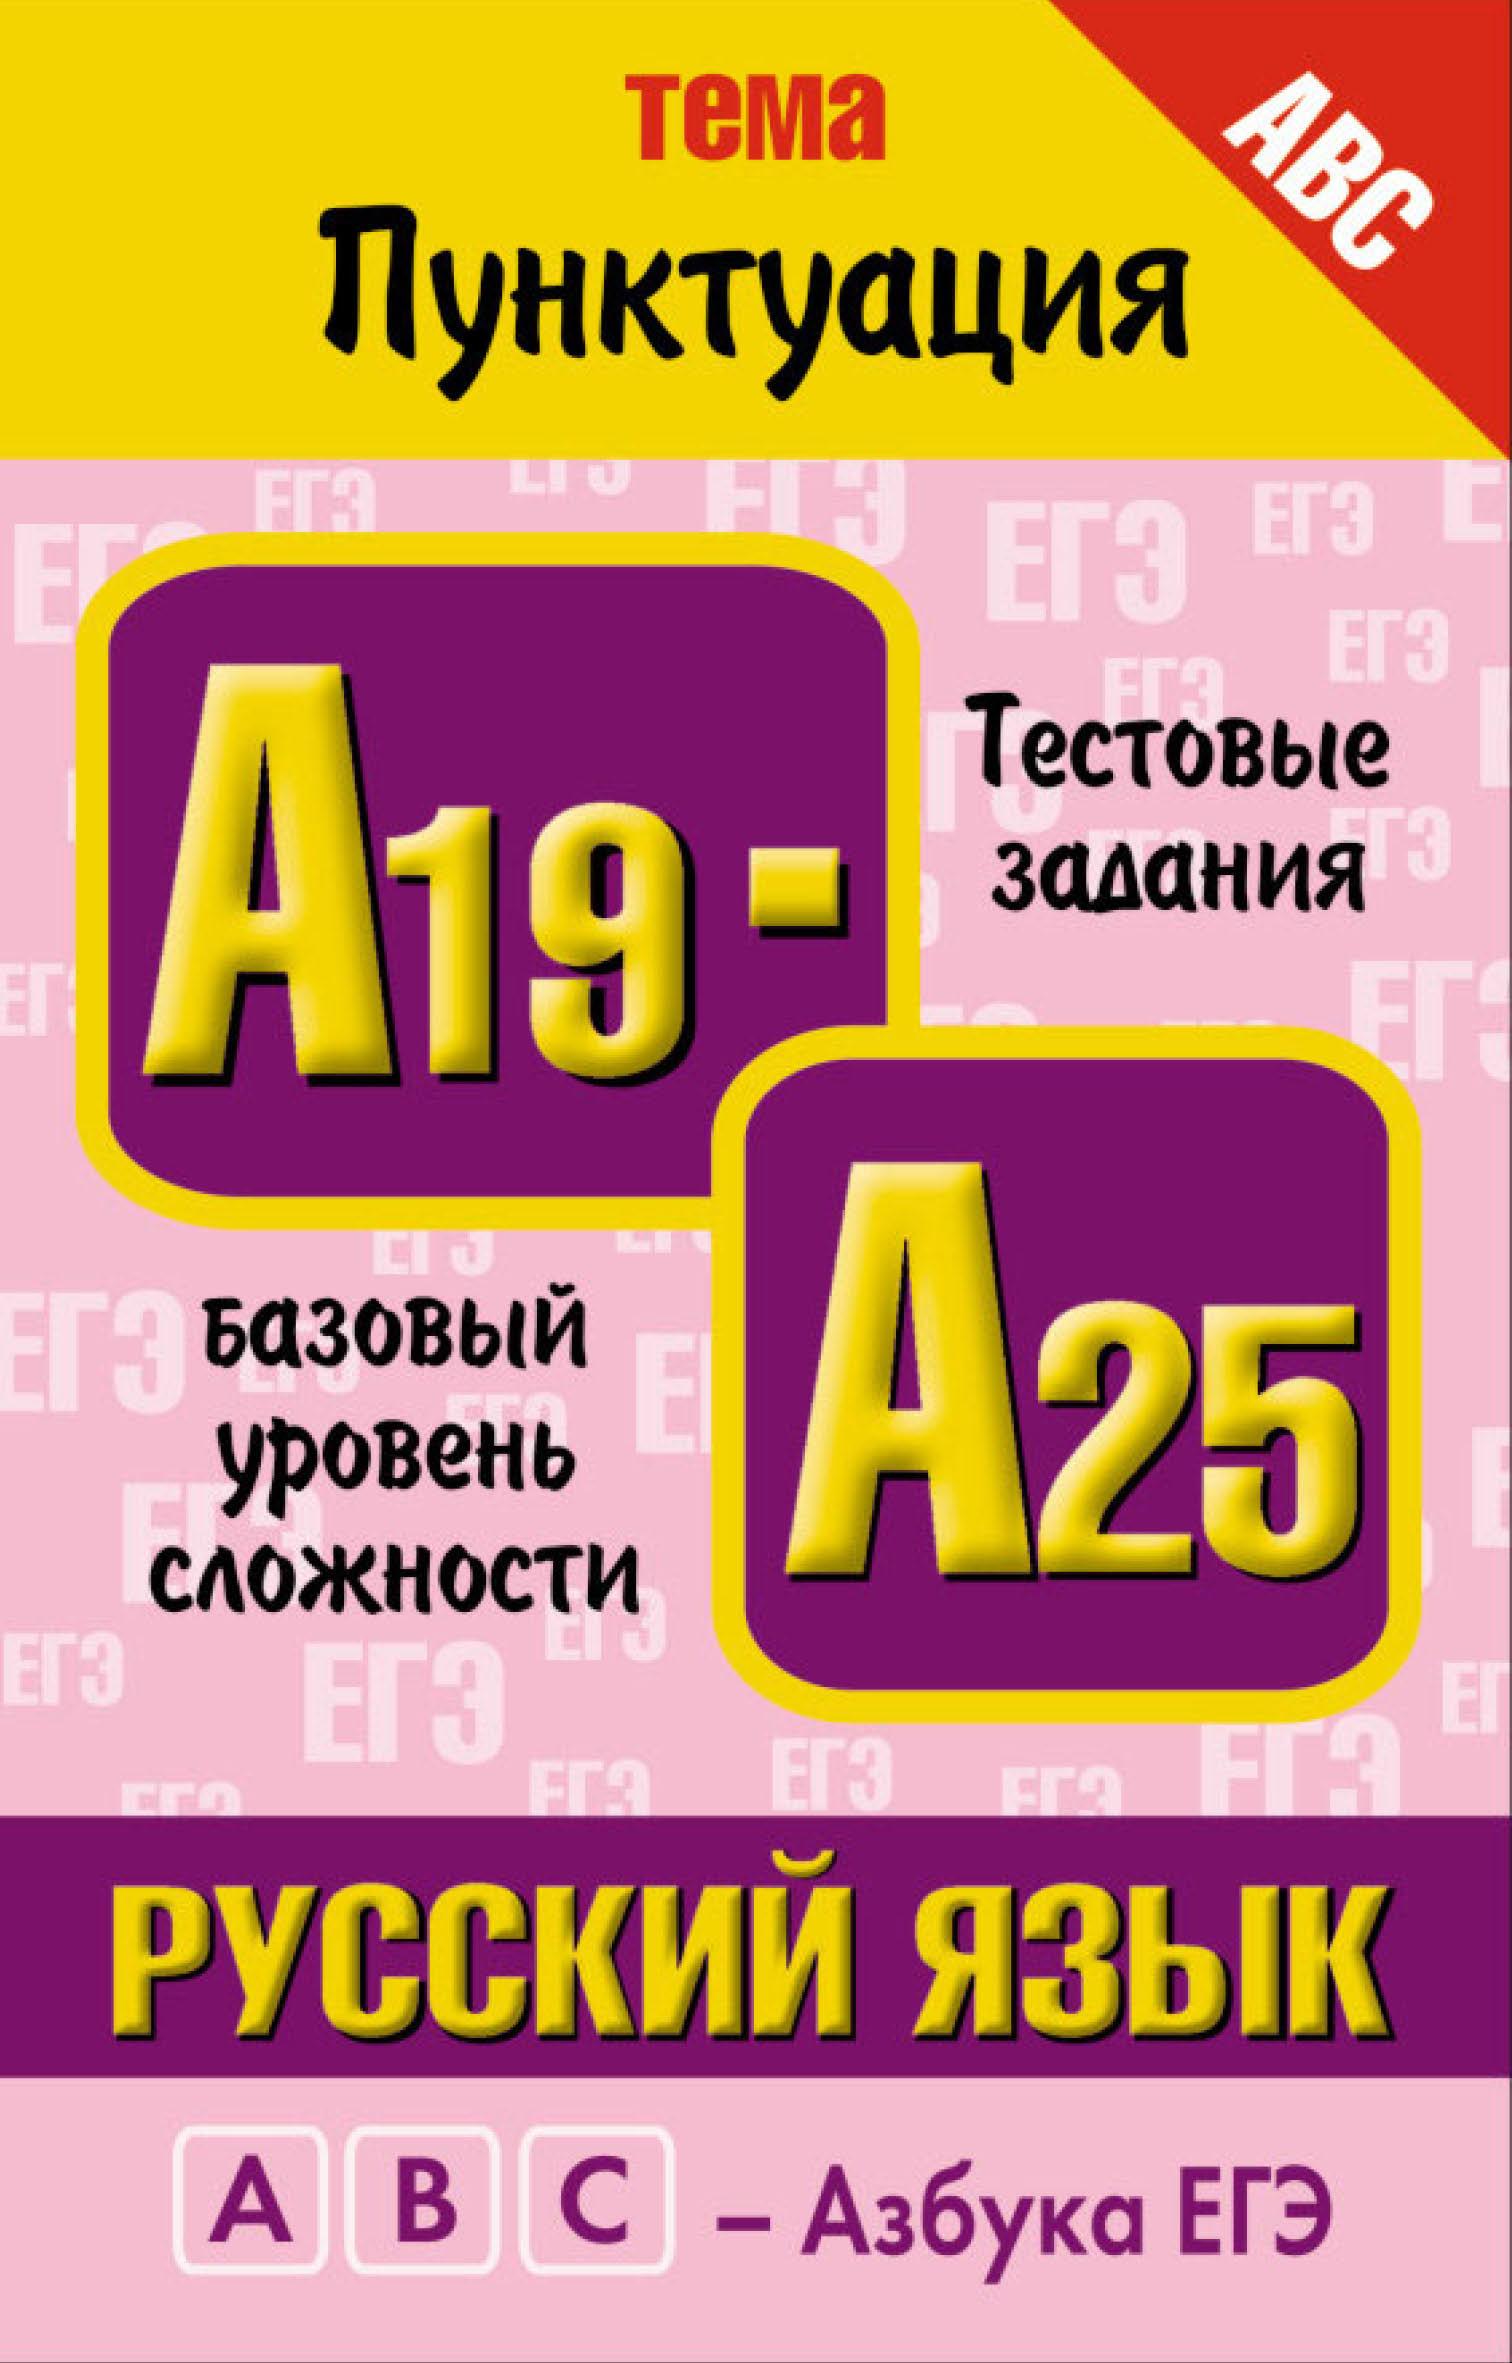 М. М. Баронова Русский язык. Тема «Пунктуация». Тестовые задания базового уровня сложности: А19-А25